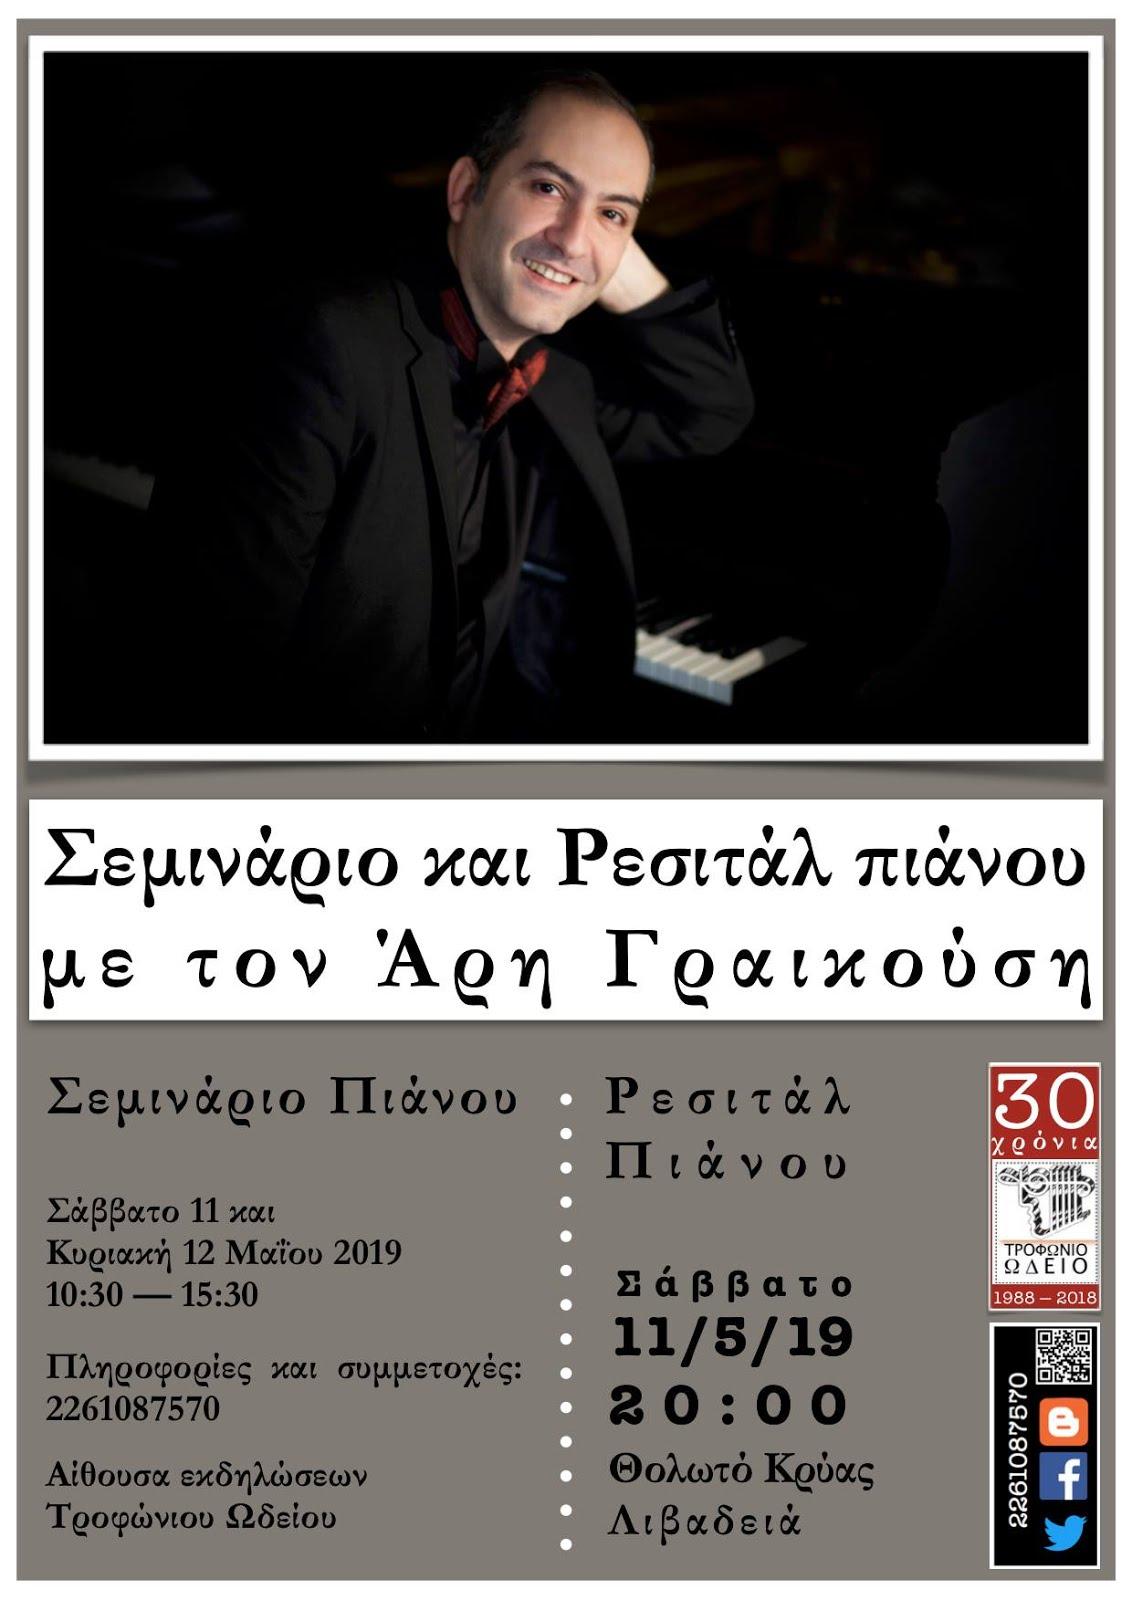 Σεμινάριο & Ρεσιτάλ Πιάνου με τον Άρη Γραικούση